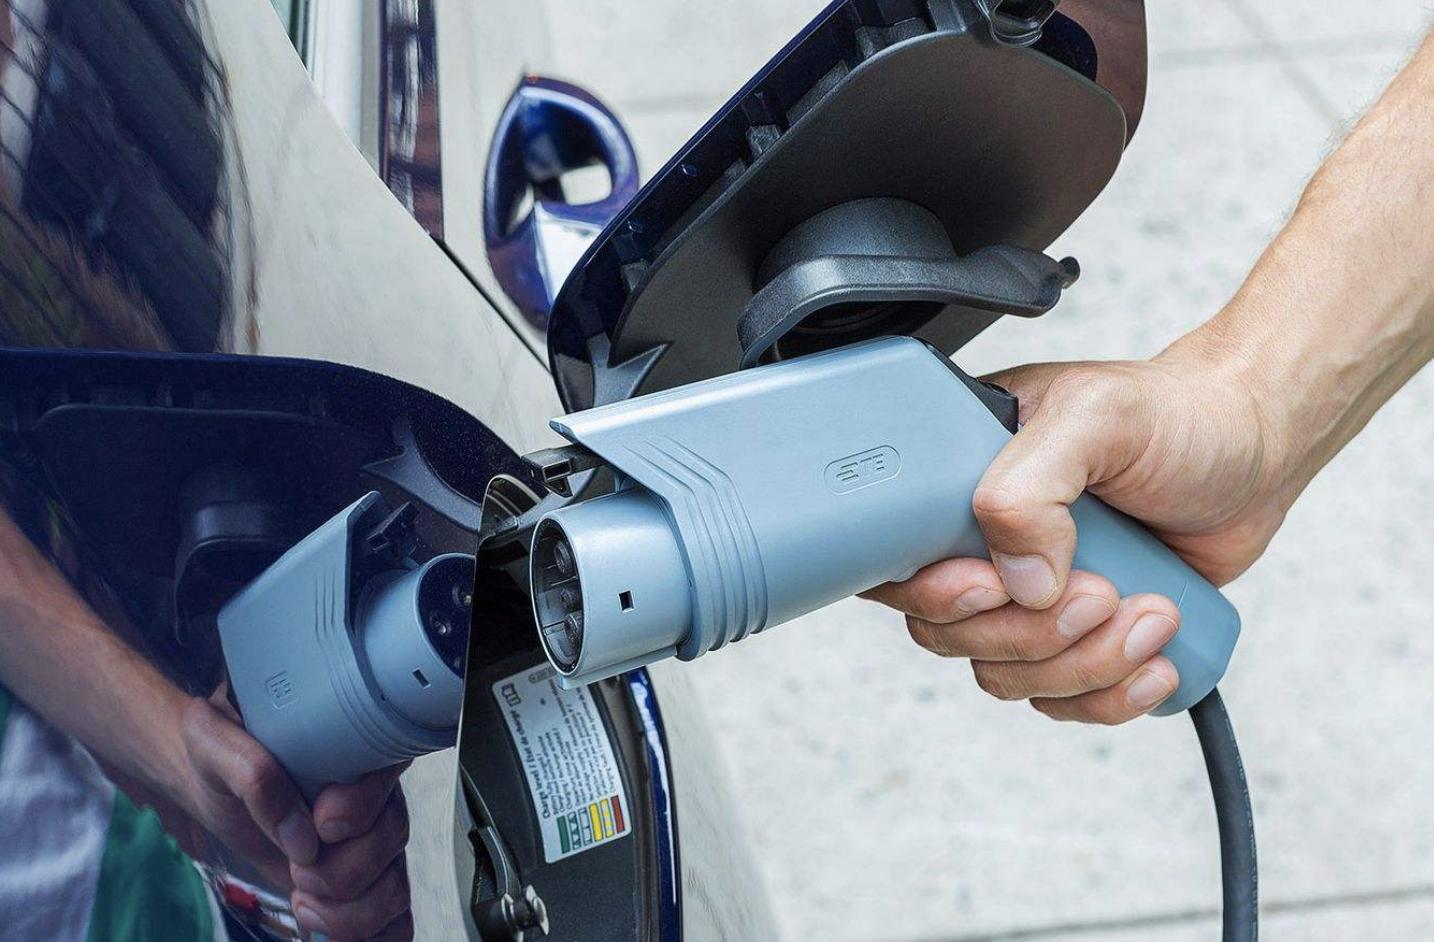 车船税免征鼓励新能源车发展 商用车纳入减税范畴